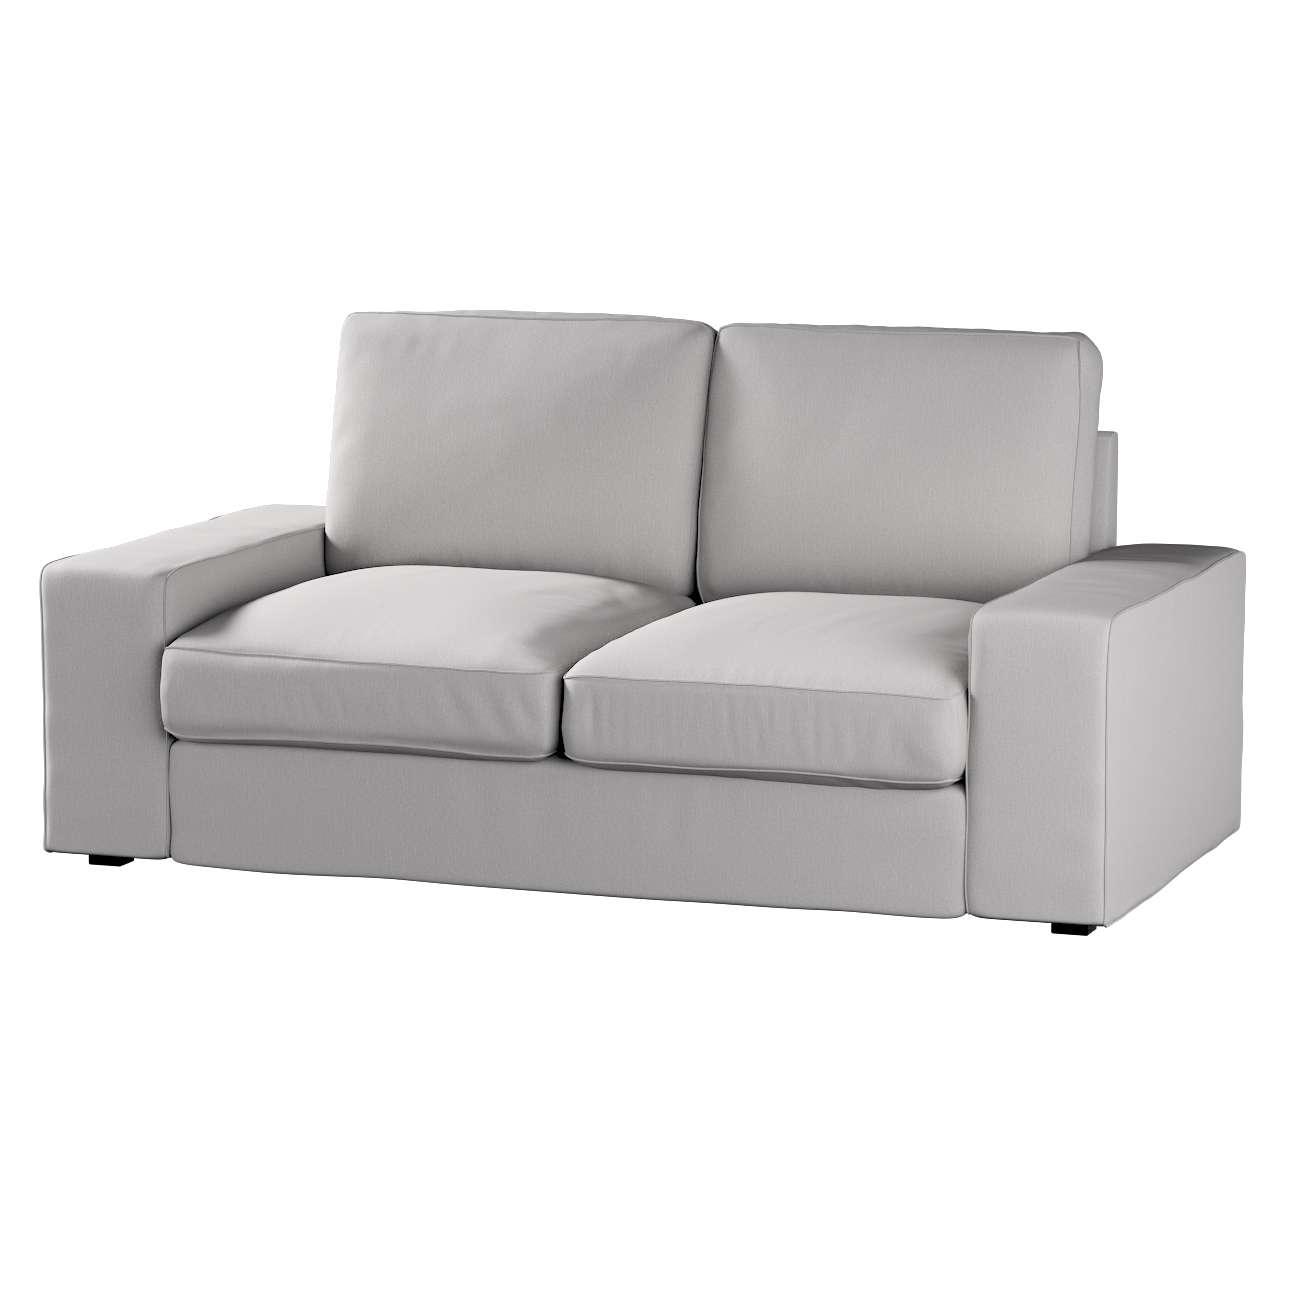 Pokrowiec na sofę Kivik 2-osobową, nierozkładaną Sofa Kivik 2-osobowa w kolekcji Chenille, tkanina: 702-23